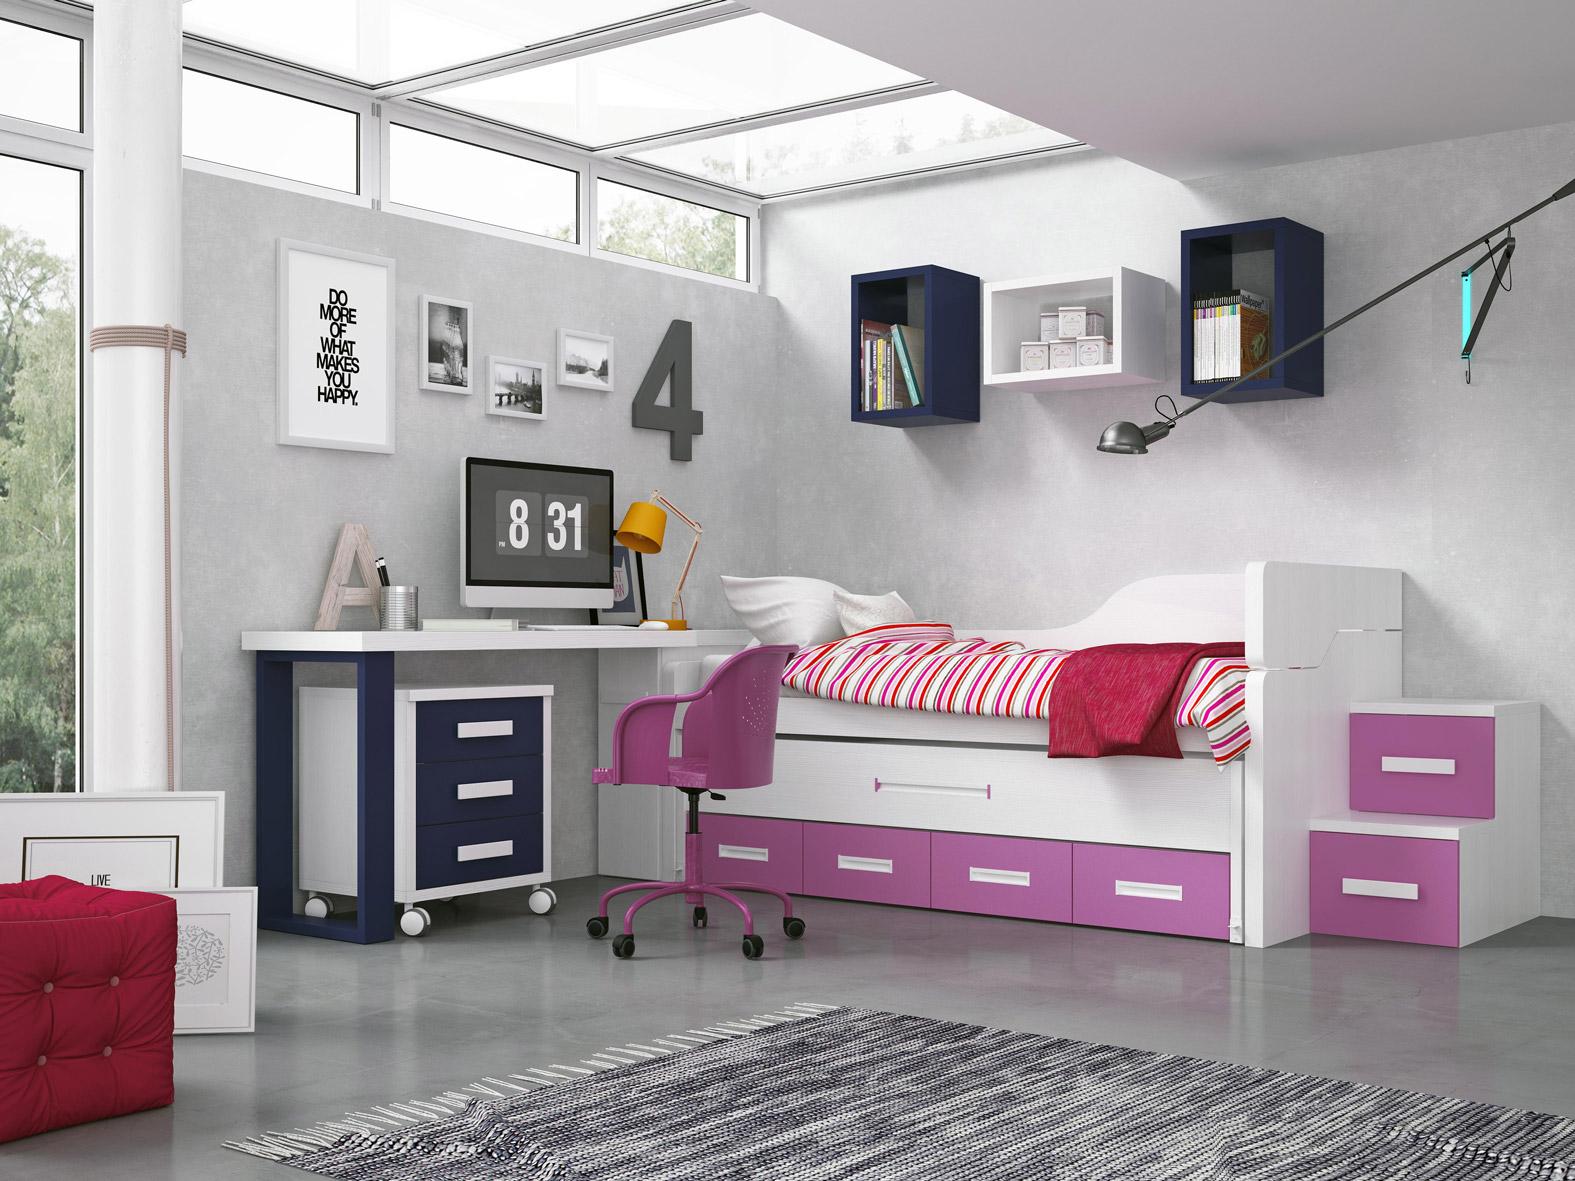 Dormitorio Juvenil Sicilia Muebles D Azmuebles D Az # Muebles Sicilia